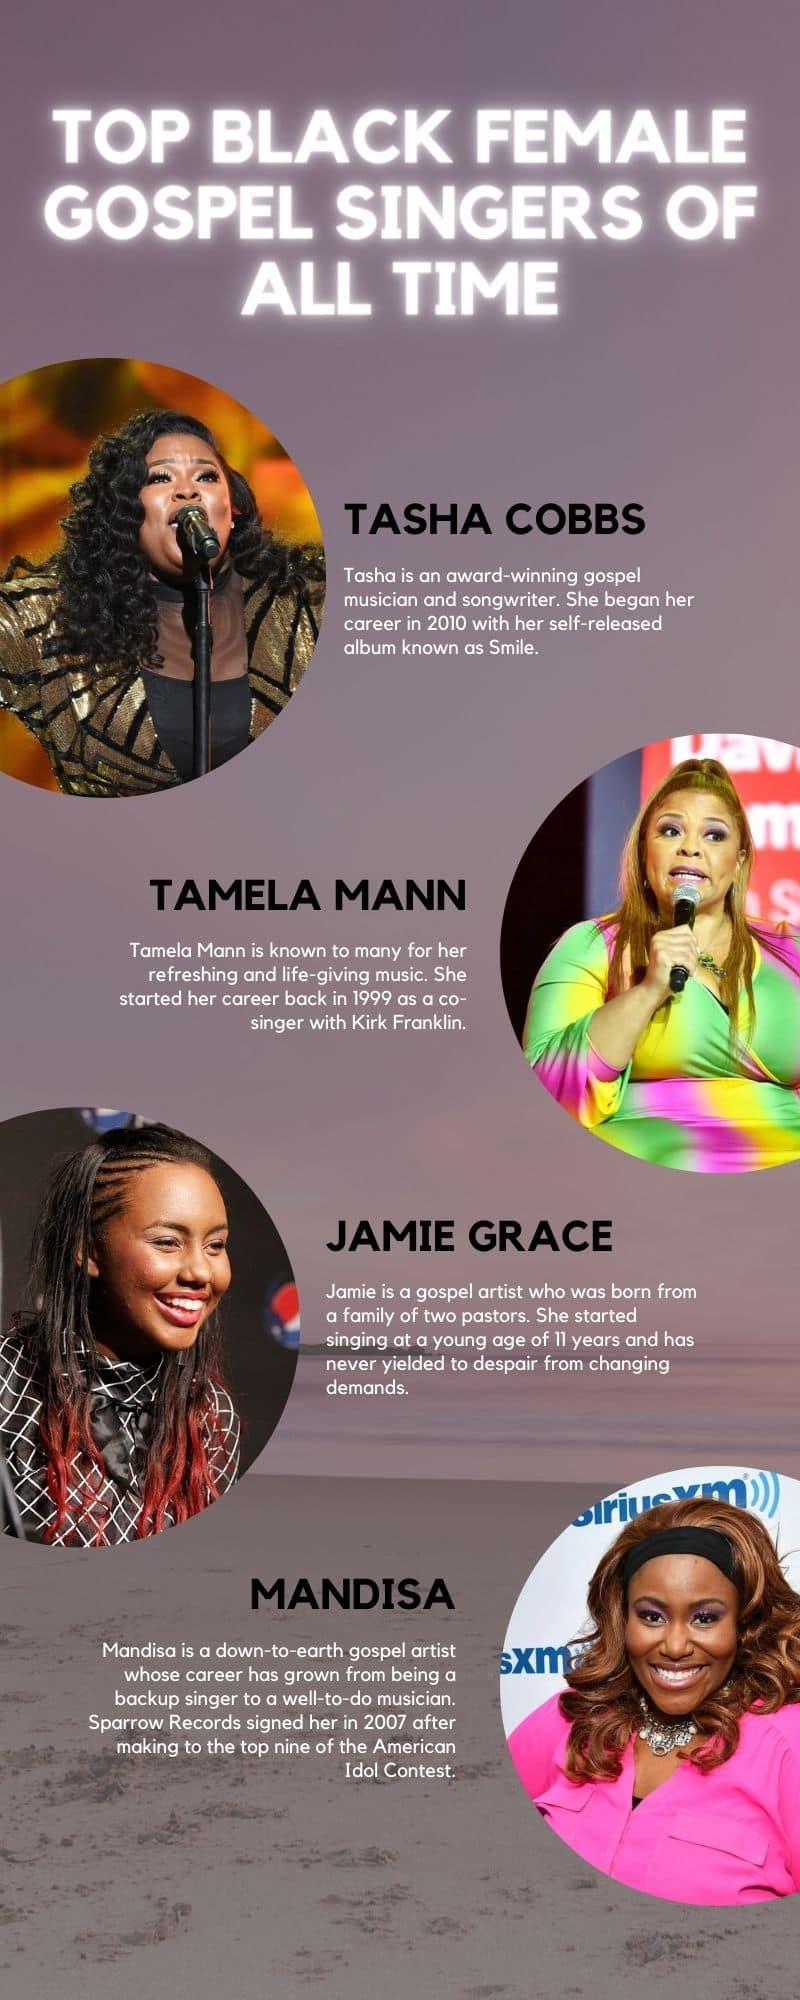 Top black female gospel singers